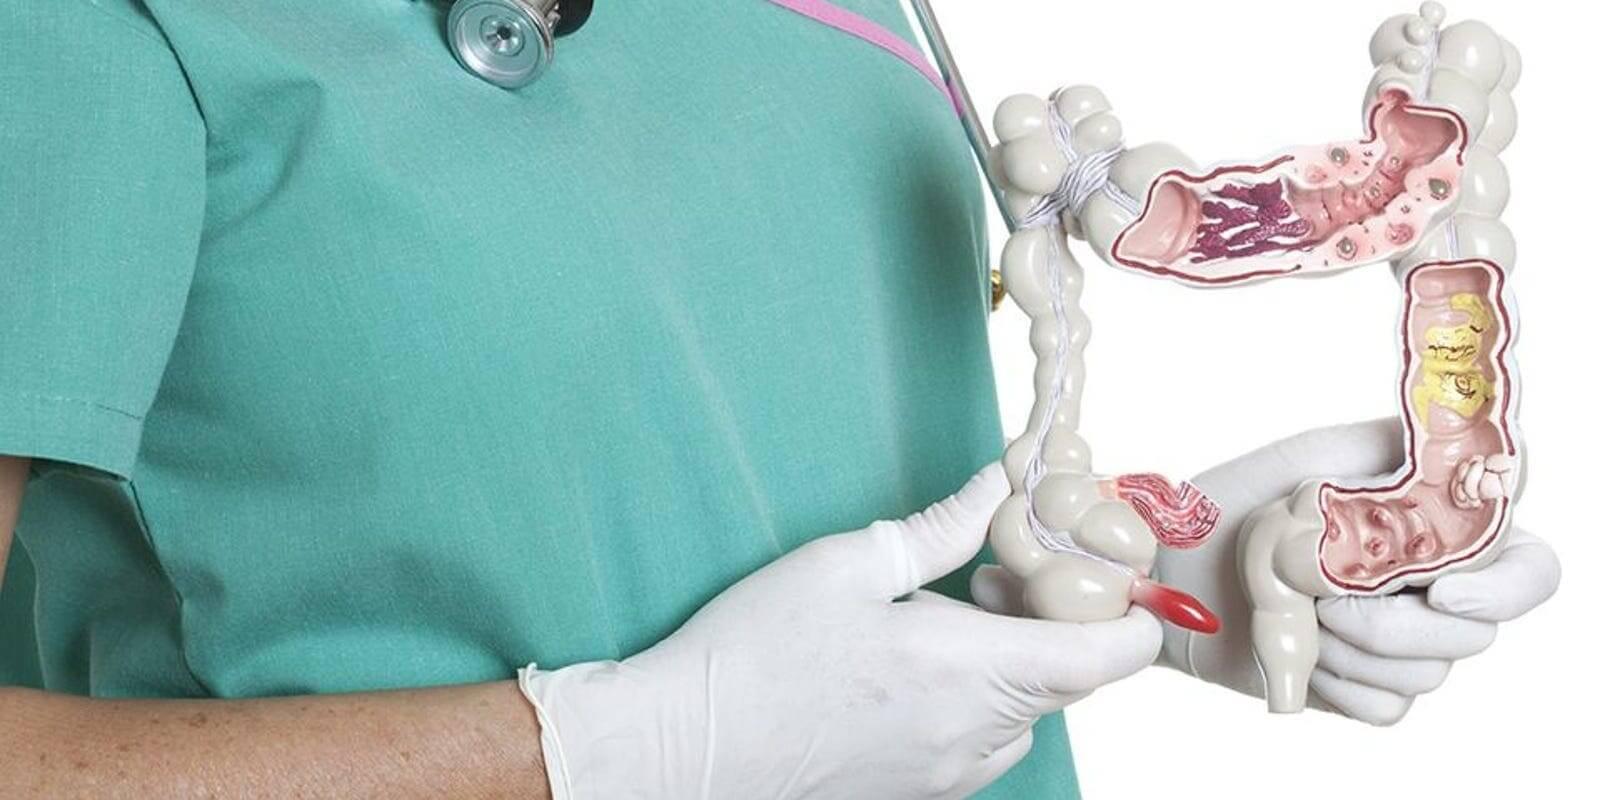 кишечник у врача в руках